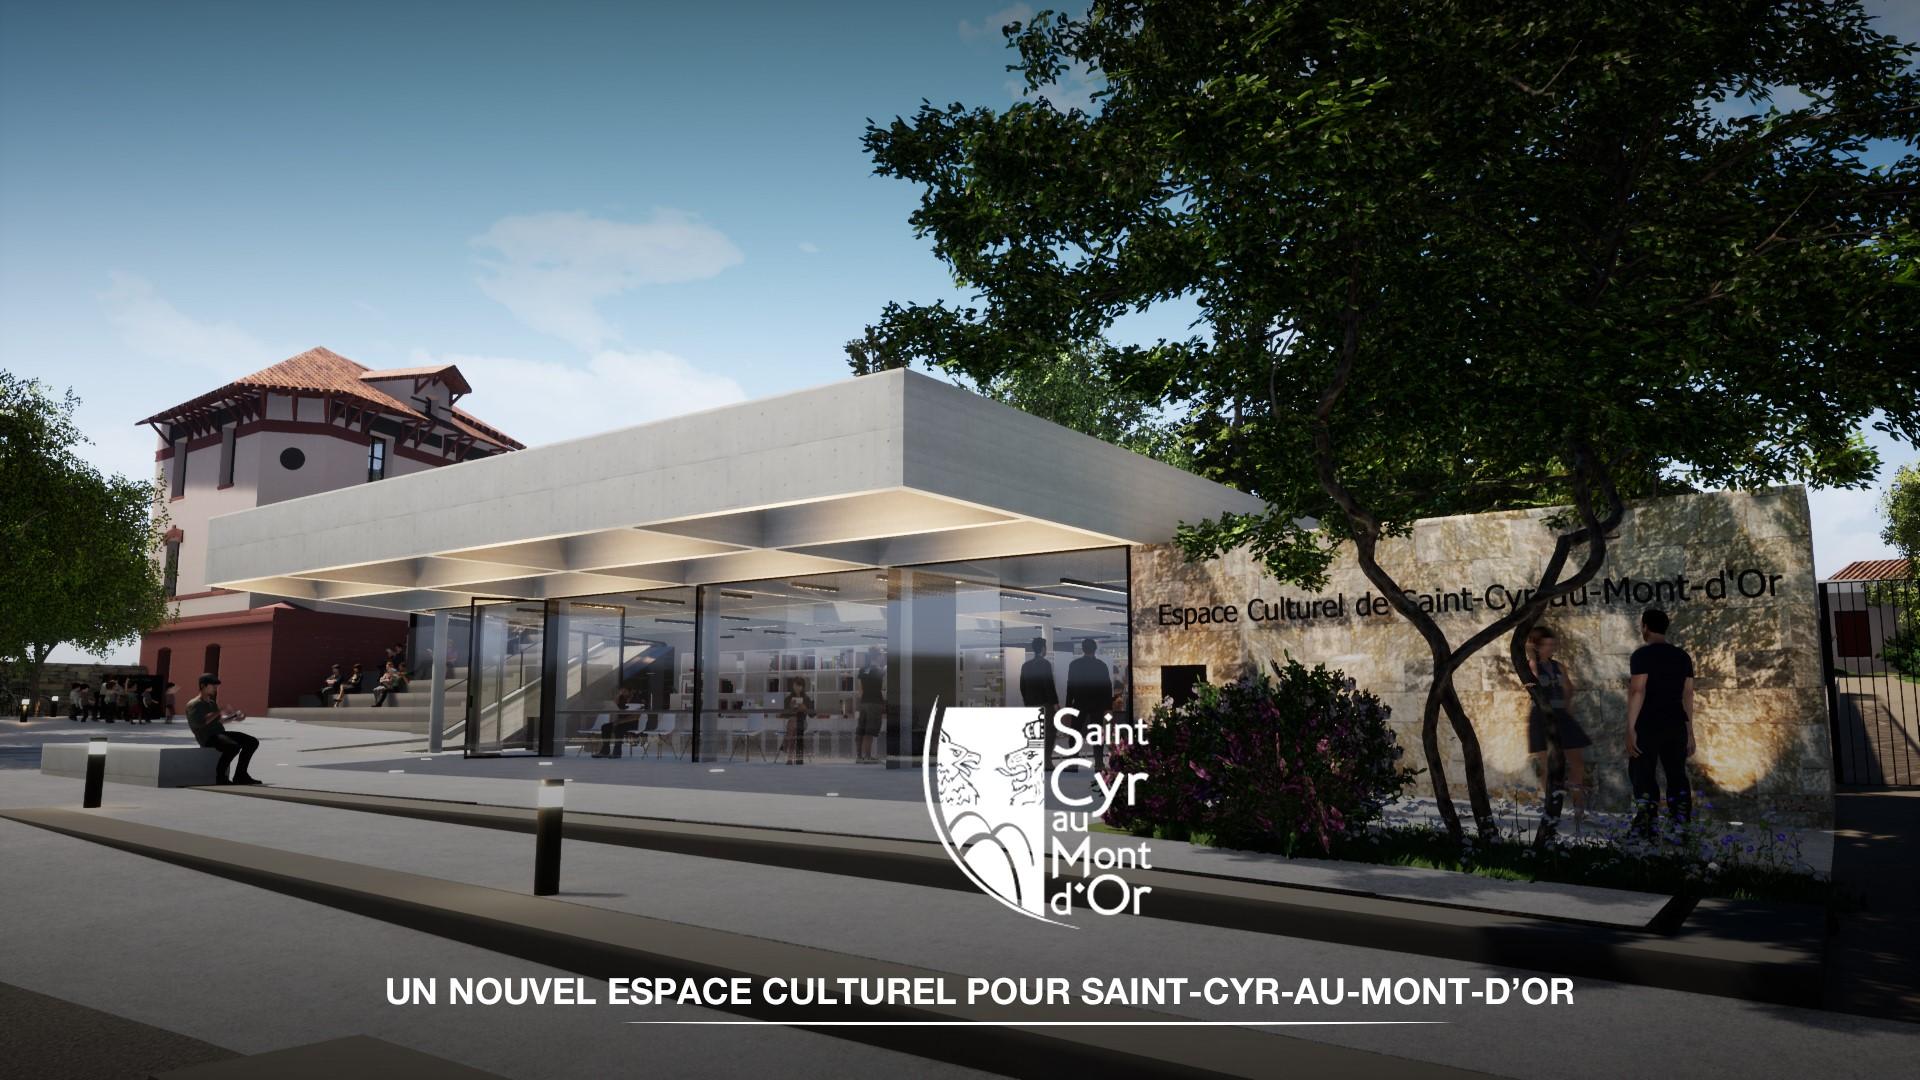 Les Jardins Des Monts D Or construction du nouvel espace culturel : les travaux